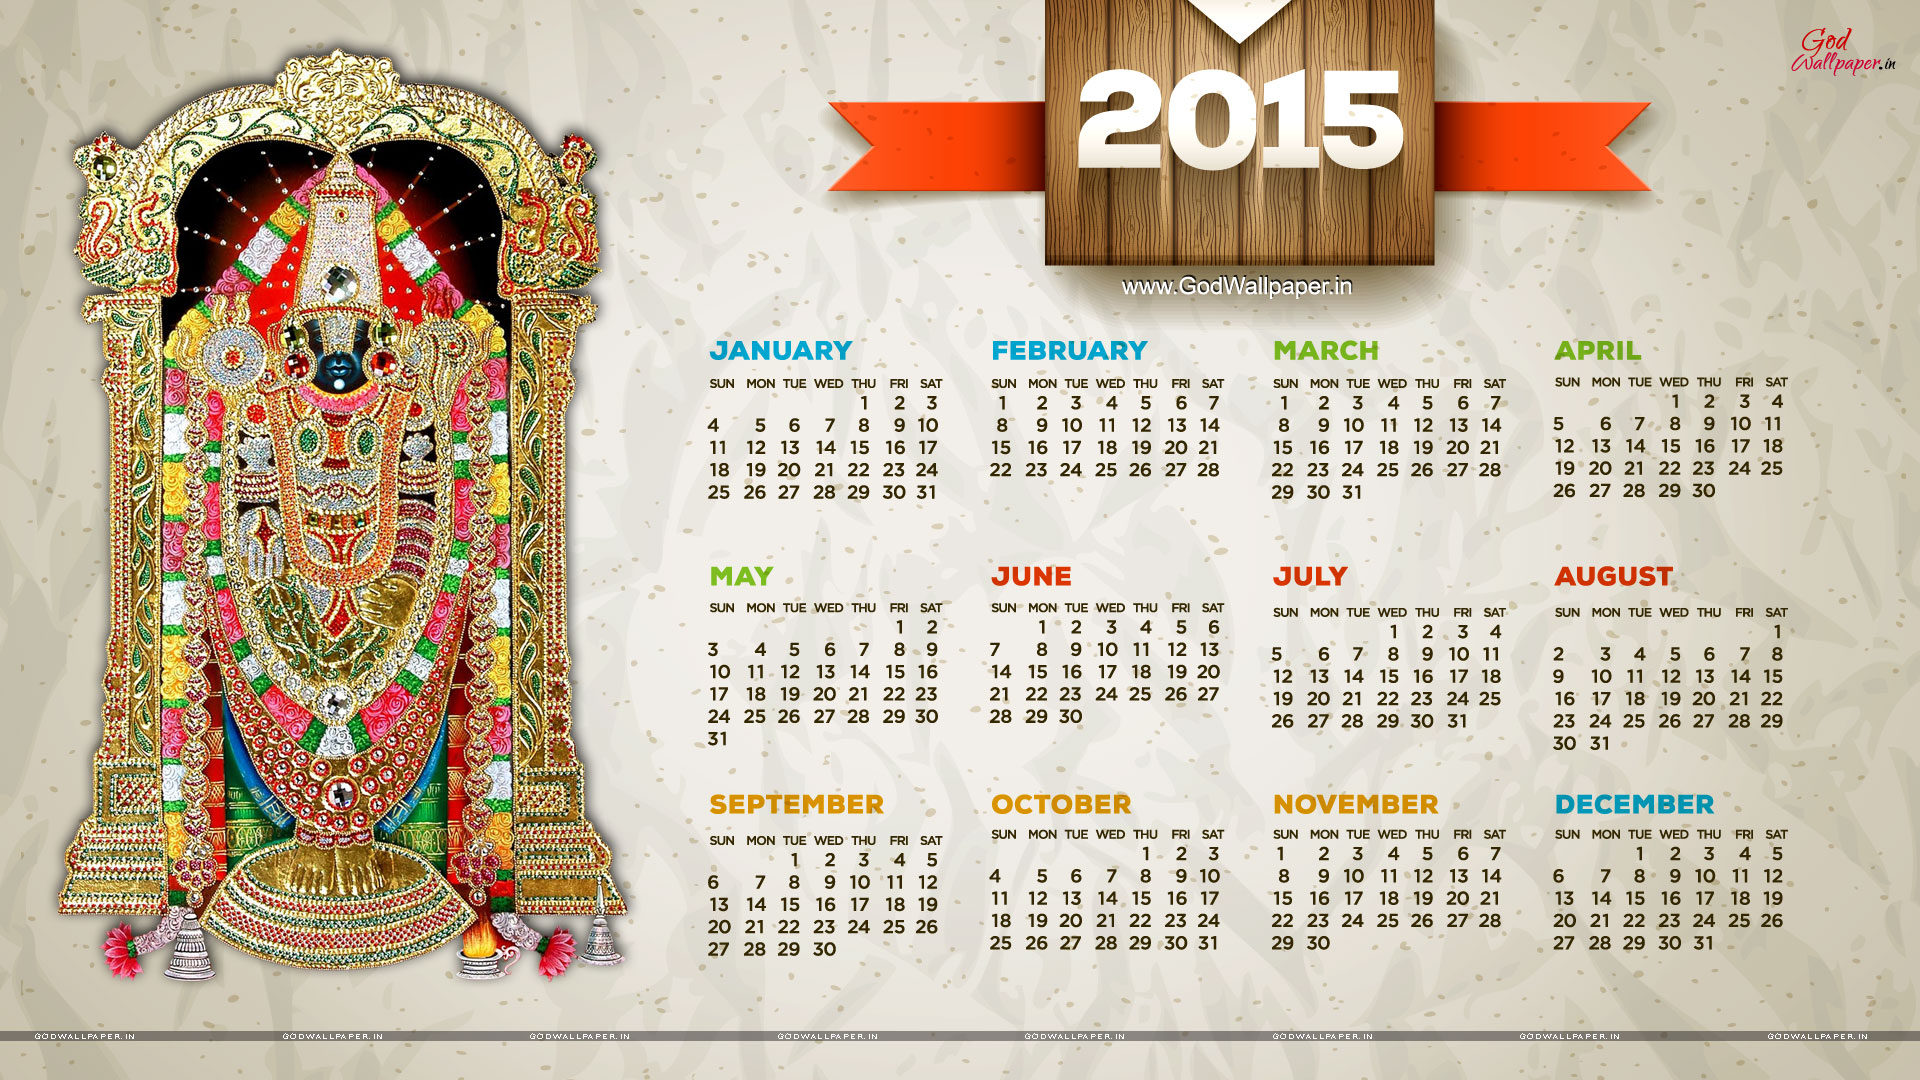 2015 Calendar Desktop Wallpaper - WallpaperSafari